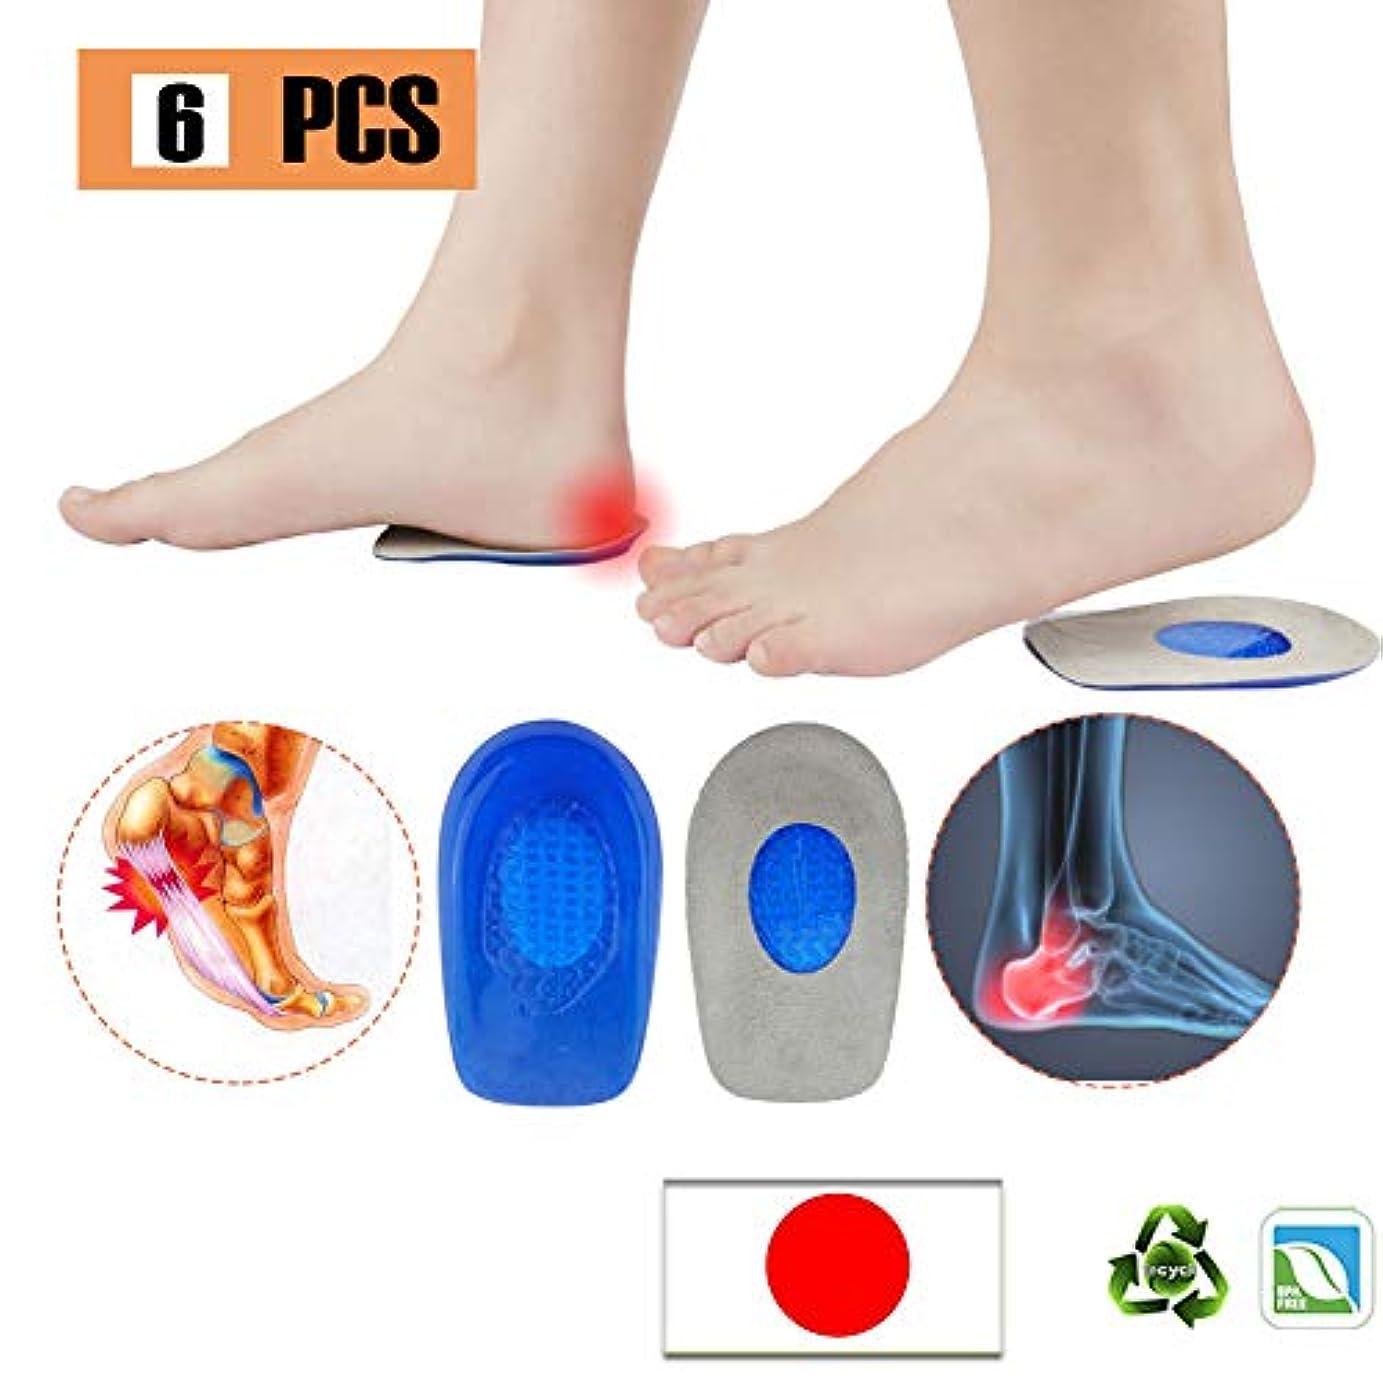 拘束する名義でヶ月目足底筋膜炎インサート かかと中敷き ヒールカップ ゲル ヒールパッド クッション (3ペア)ヒールインサート 踵の痛みに最適 アキレス腱炎 男女兼用